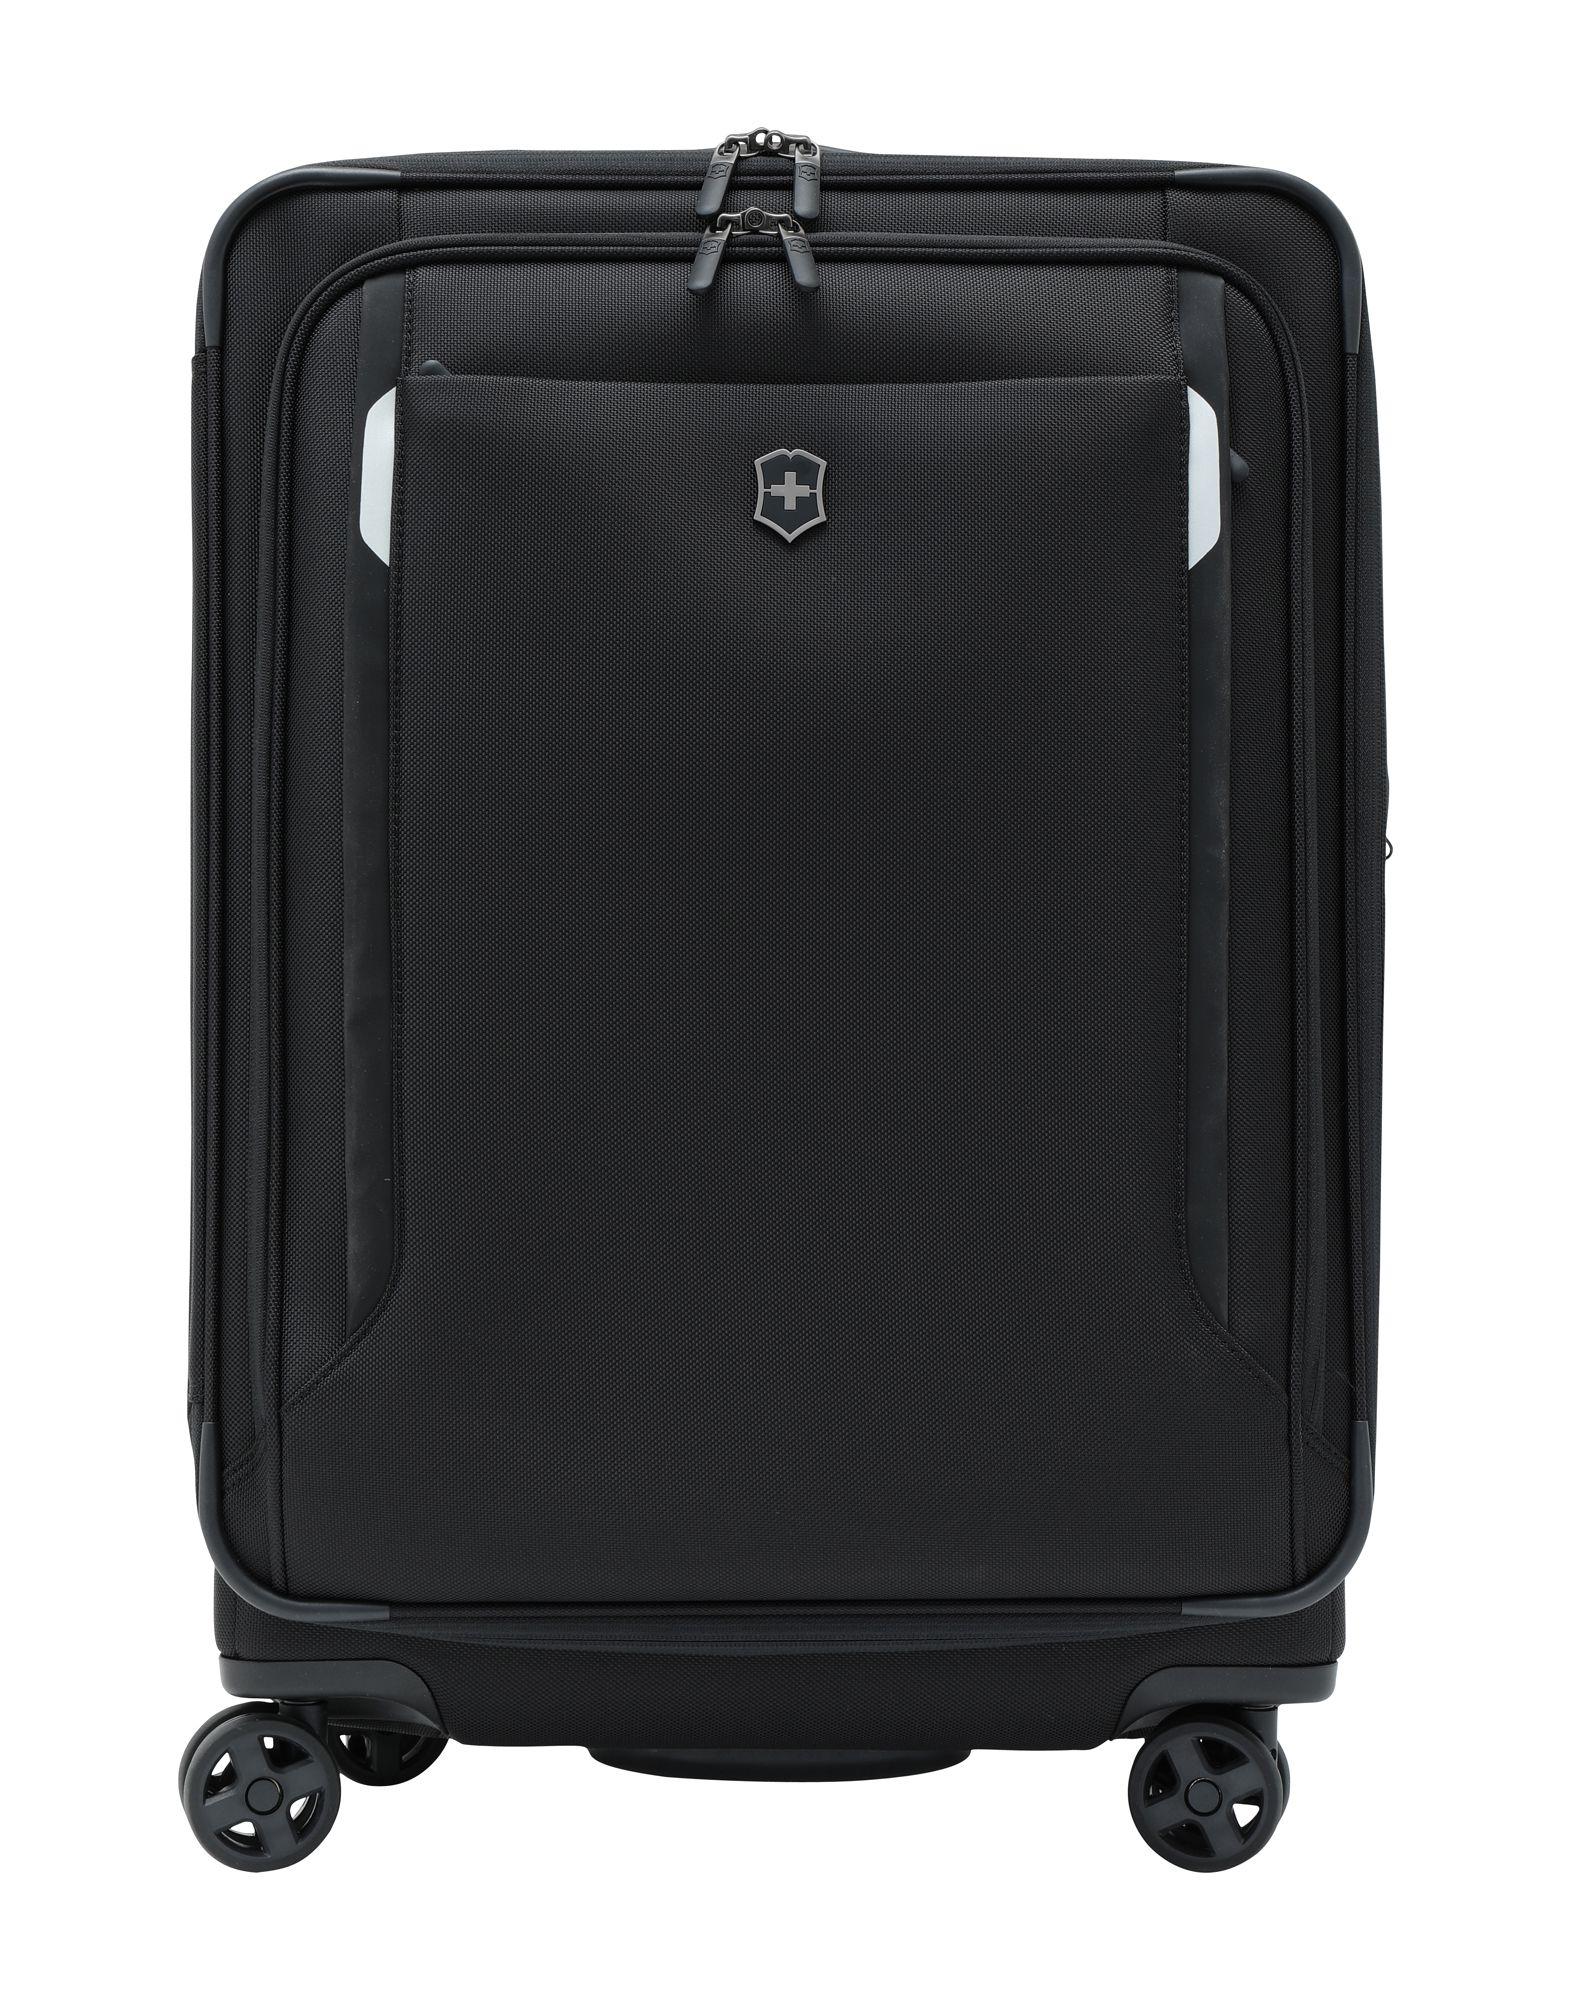 《セール開催中》VICTORINOX Unisex キャスター付きバッグ ブラック EVA(エチレン?ビニール?アセテート) ポリエチレン Werks Traveler 5.0, WT 24 Dual-Caster